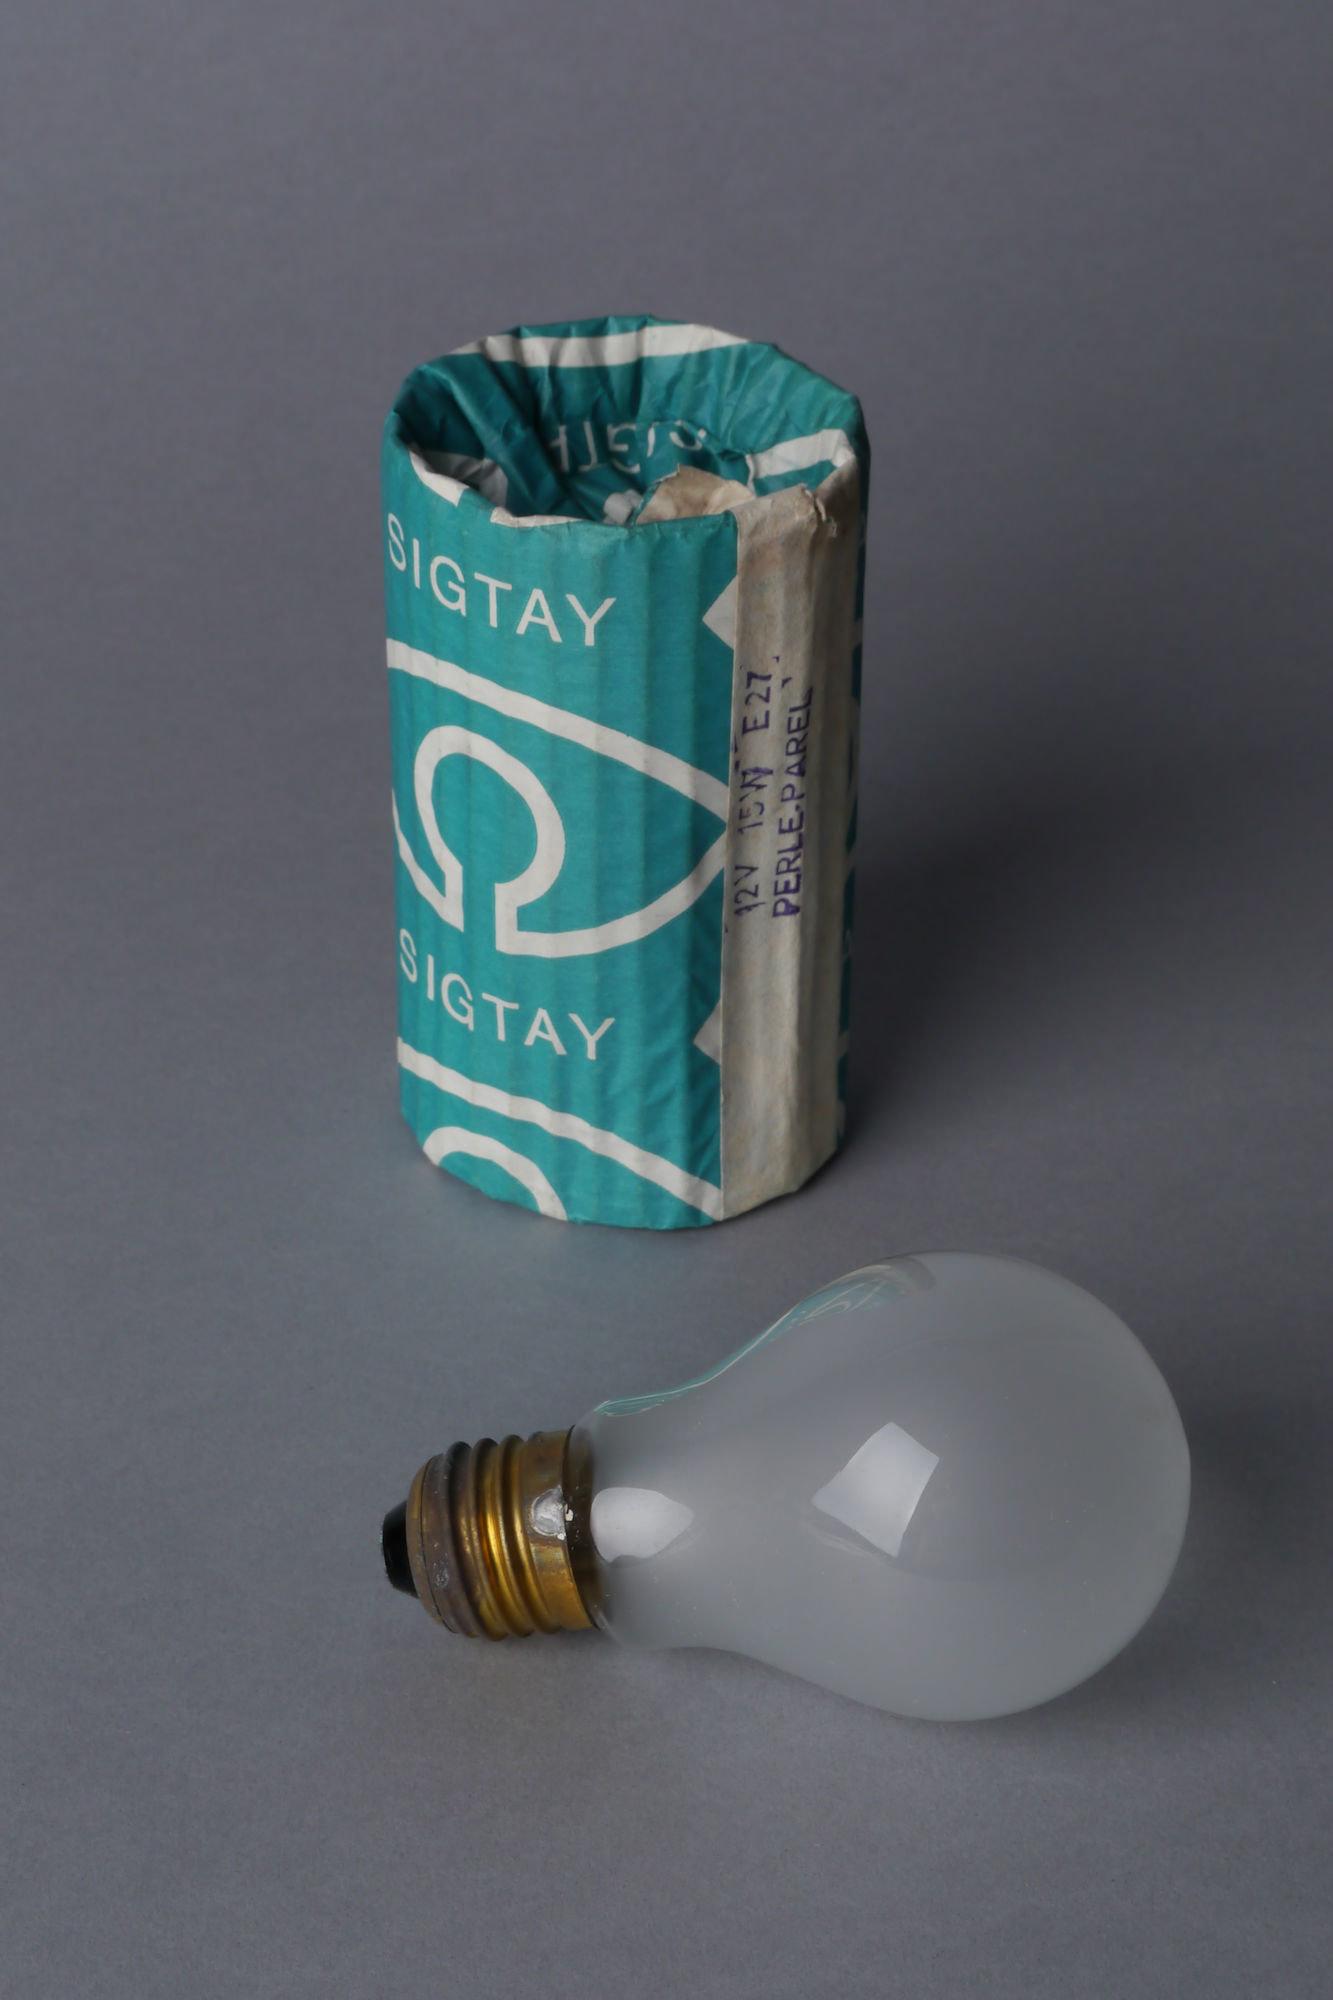 Gloeilamp van het merk Sigtay